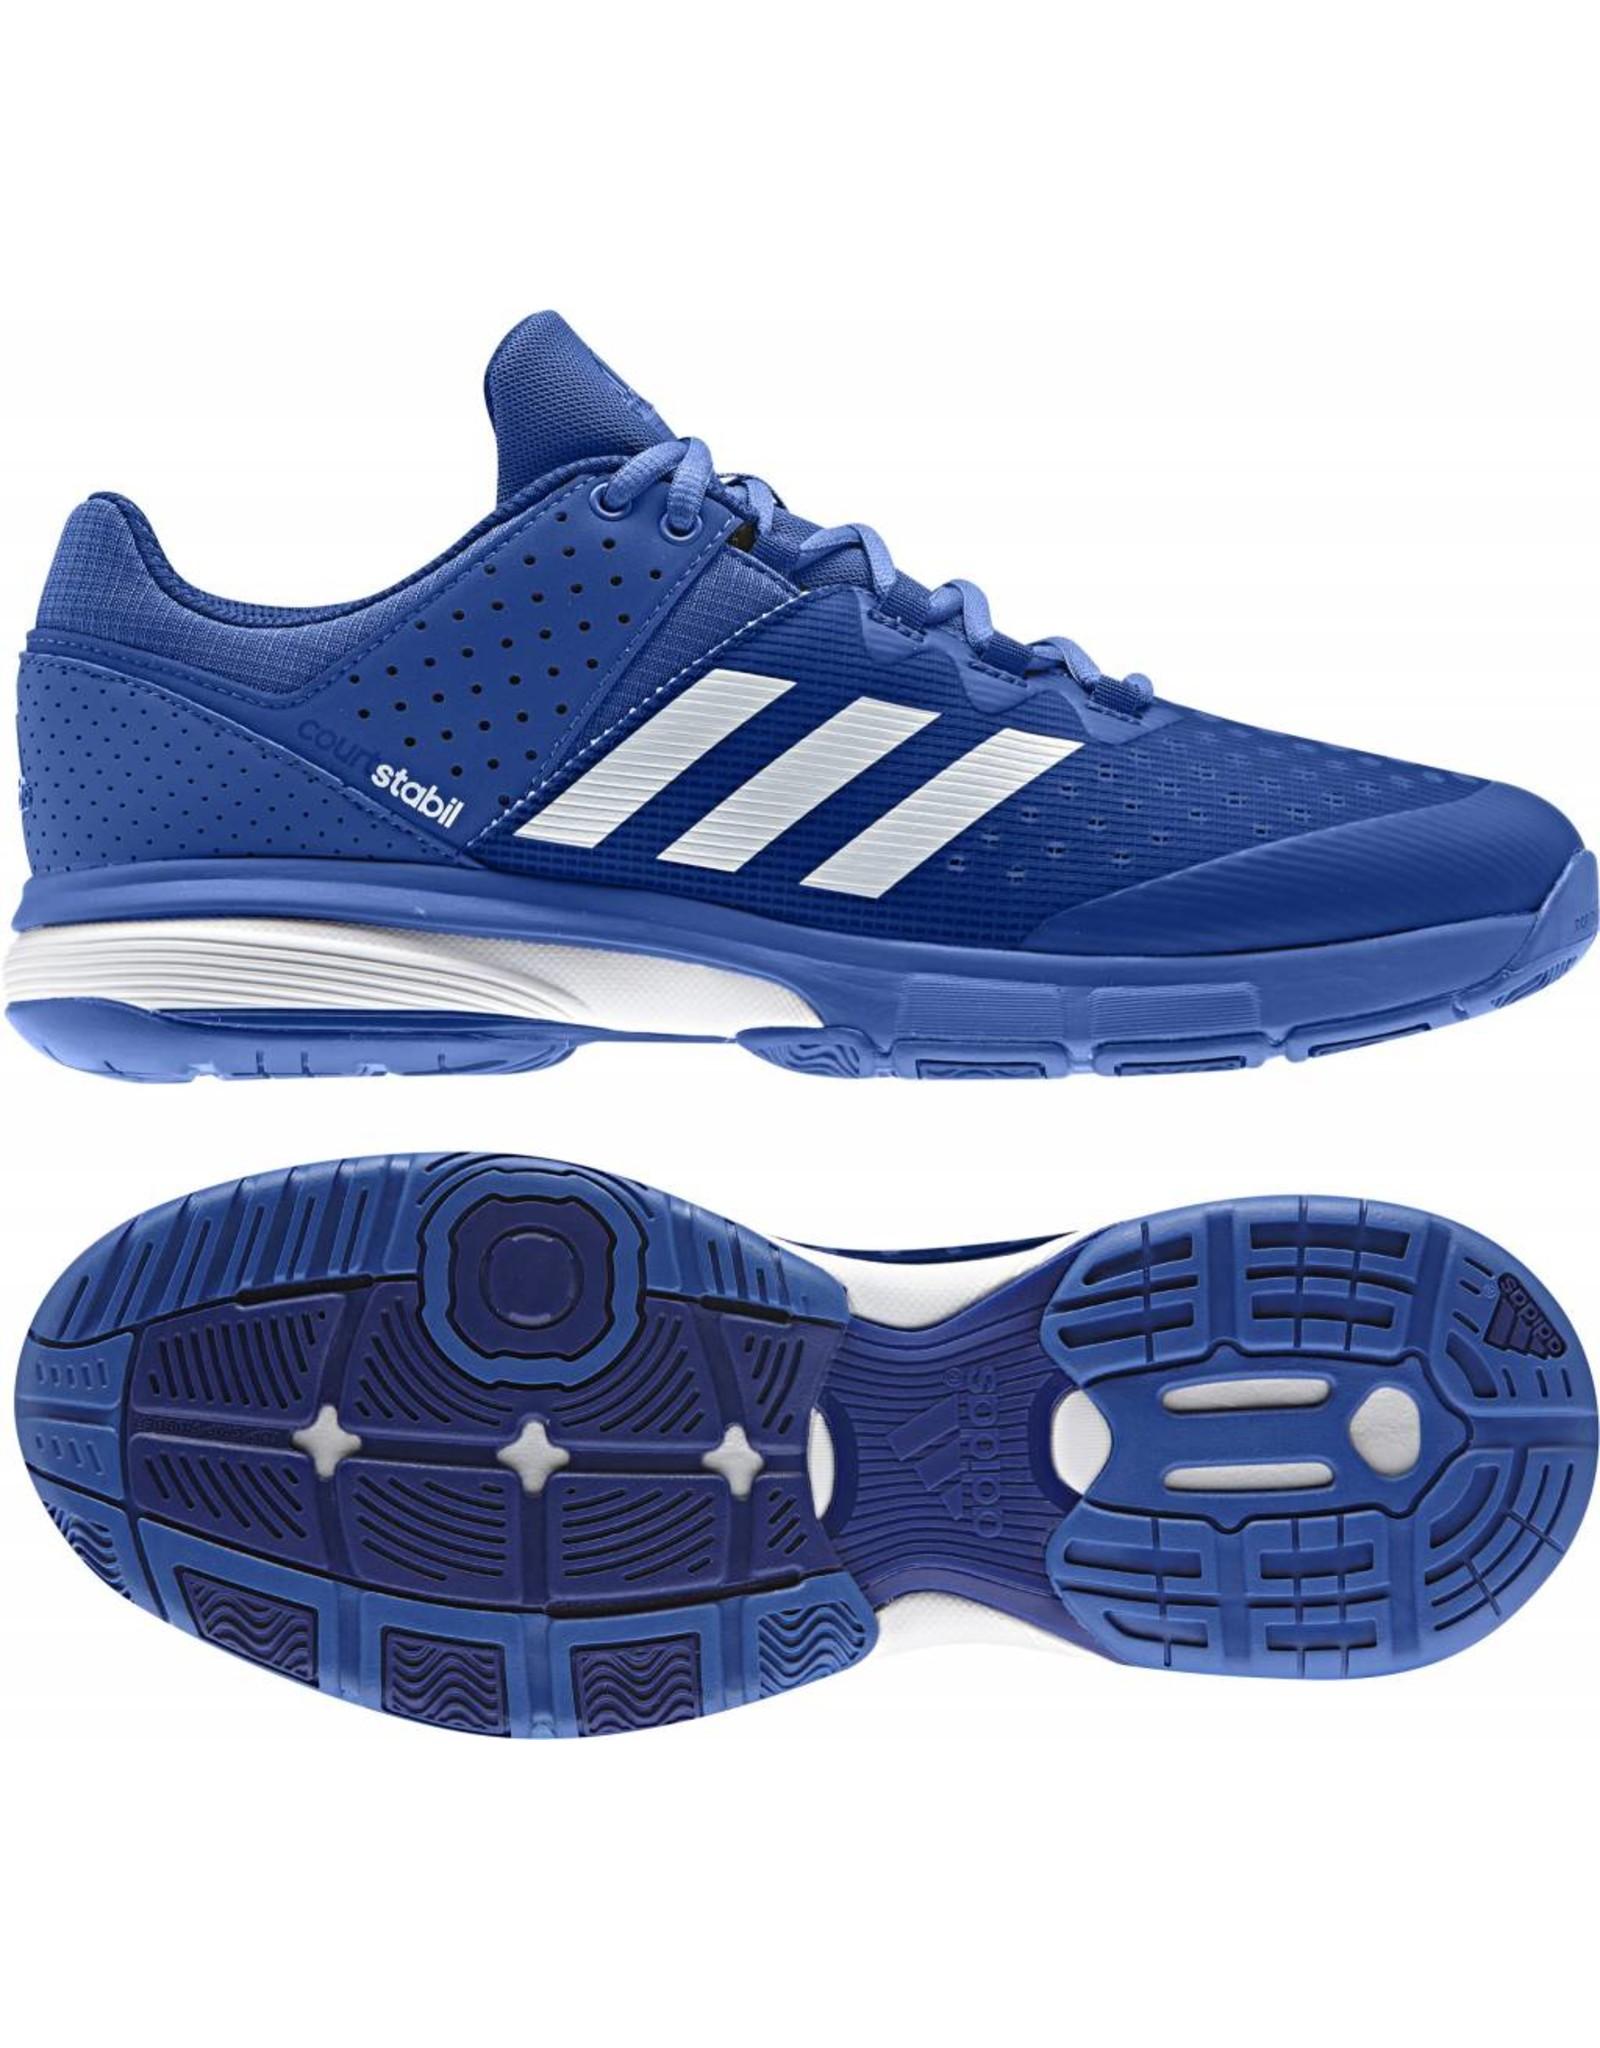 ADIDAS adidas Court Stabil bue indoor schoen 17-18